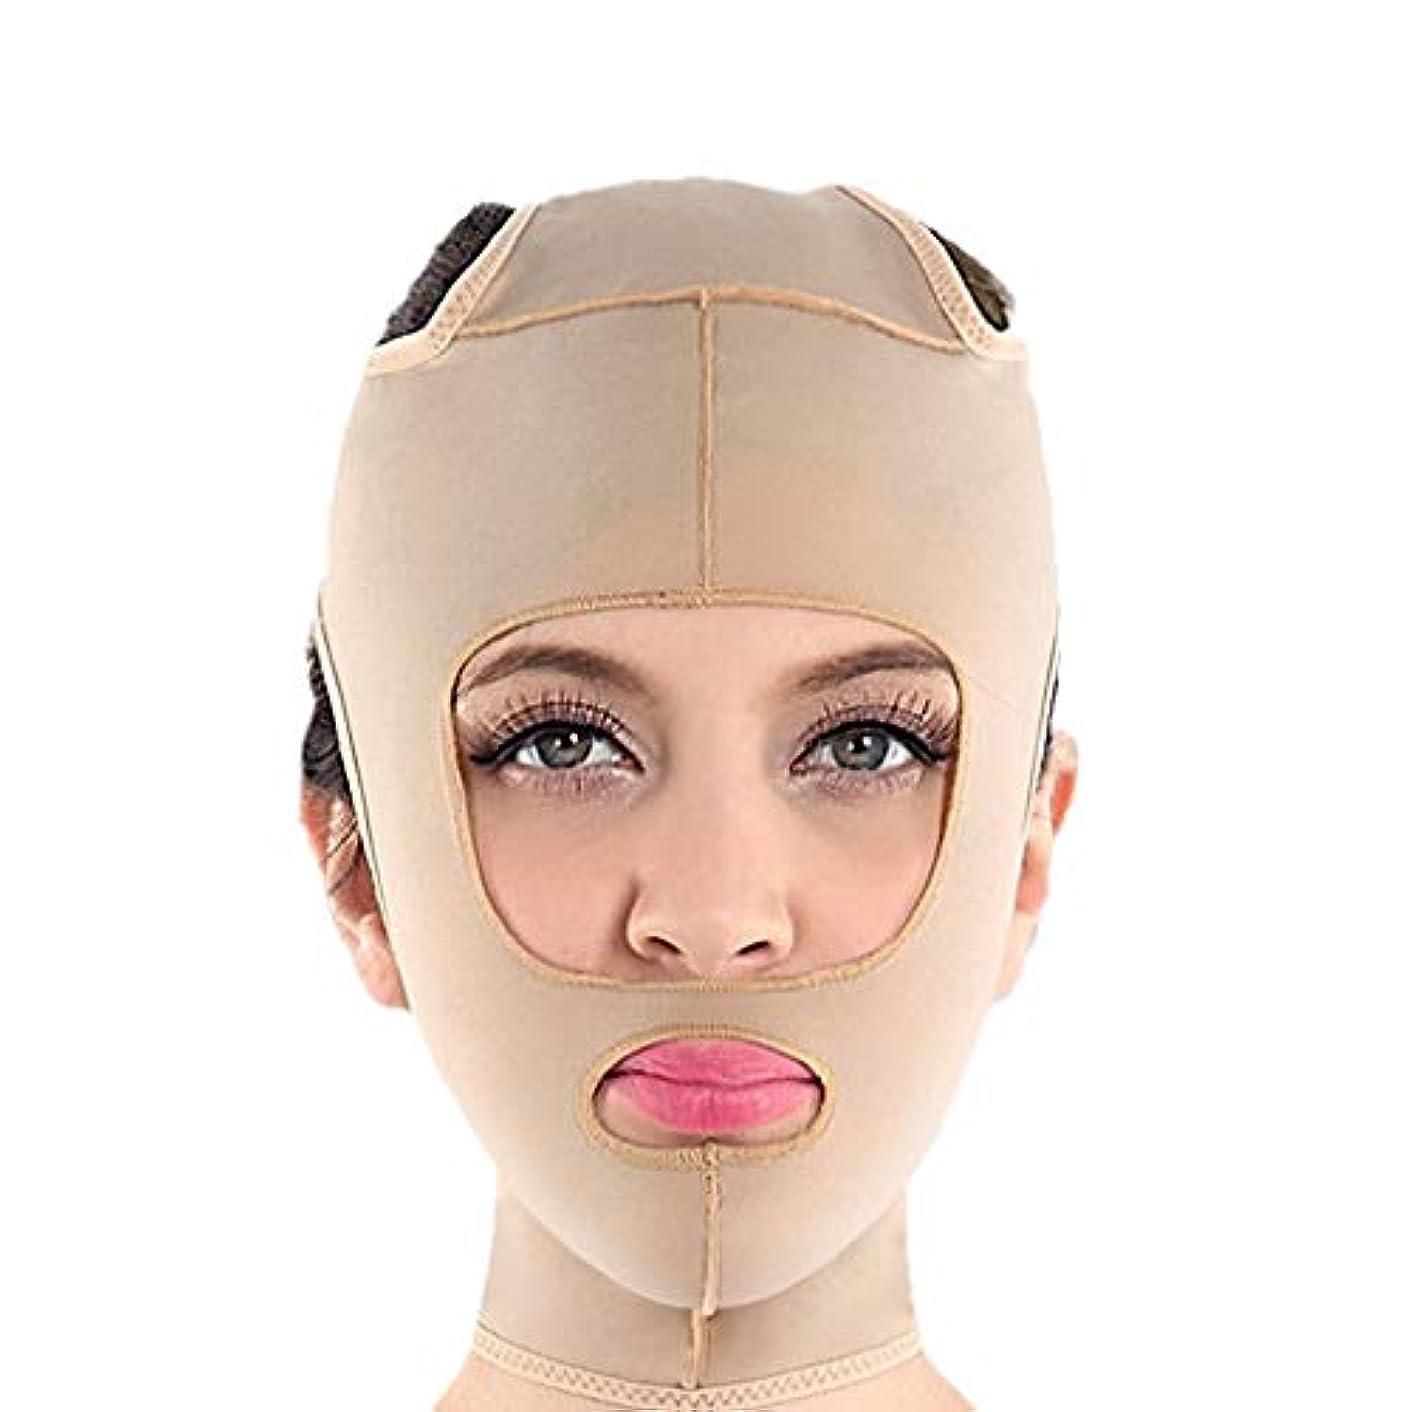 選ぶ起点扇動XHLMRMJ フェイスリフティング、ダブルチンストラップ、フェイシャル減量マスク、ダブルチンを減らすリフティングヌードル、ファーミングフェイス、パワフルリフティングマスク (Size : L)